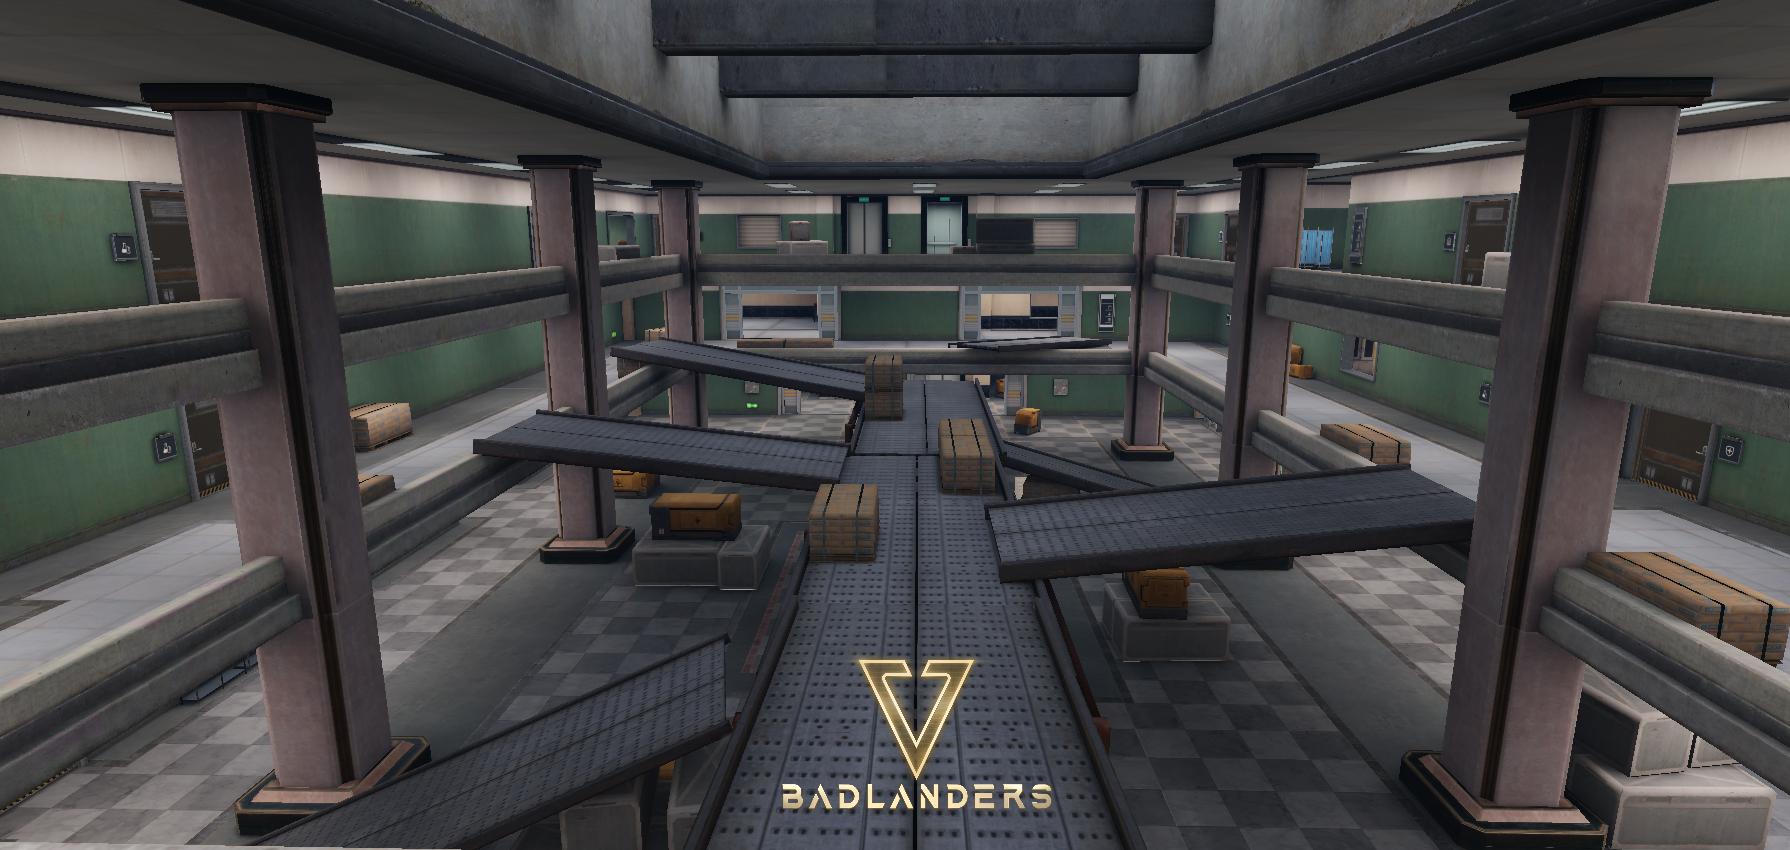 Badlanders 15122020 3